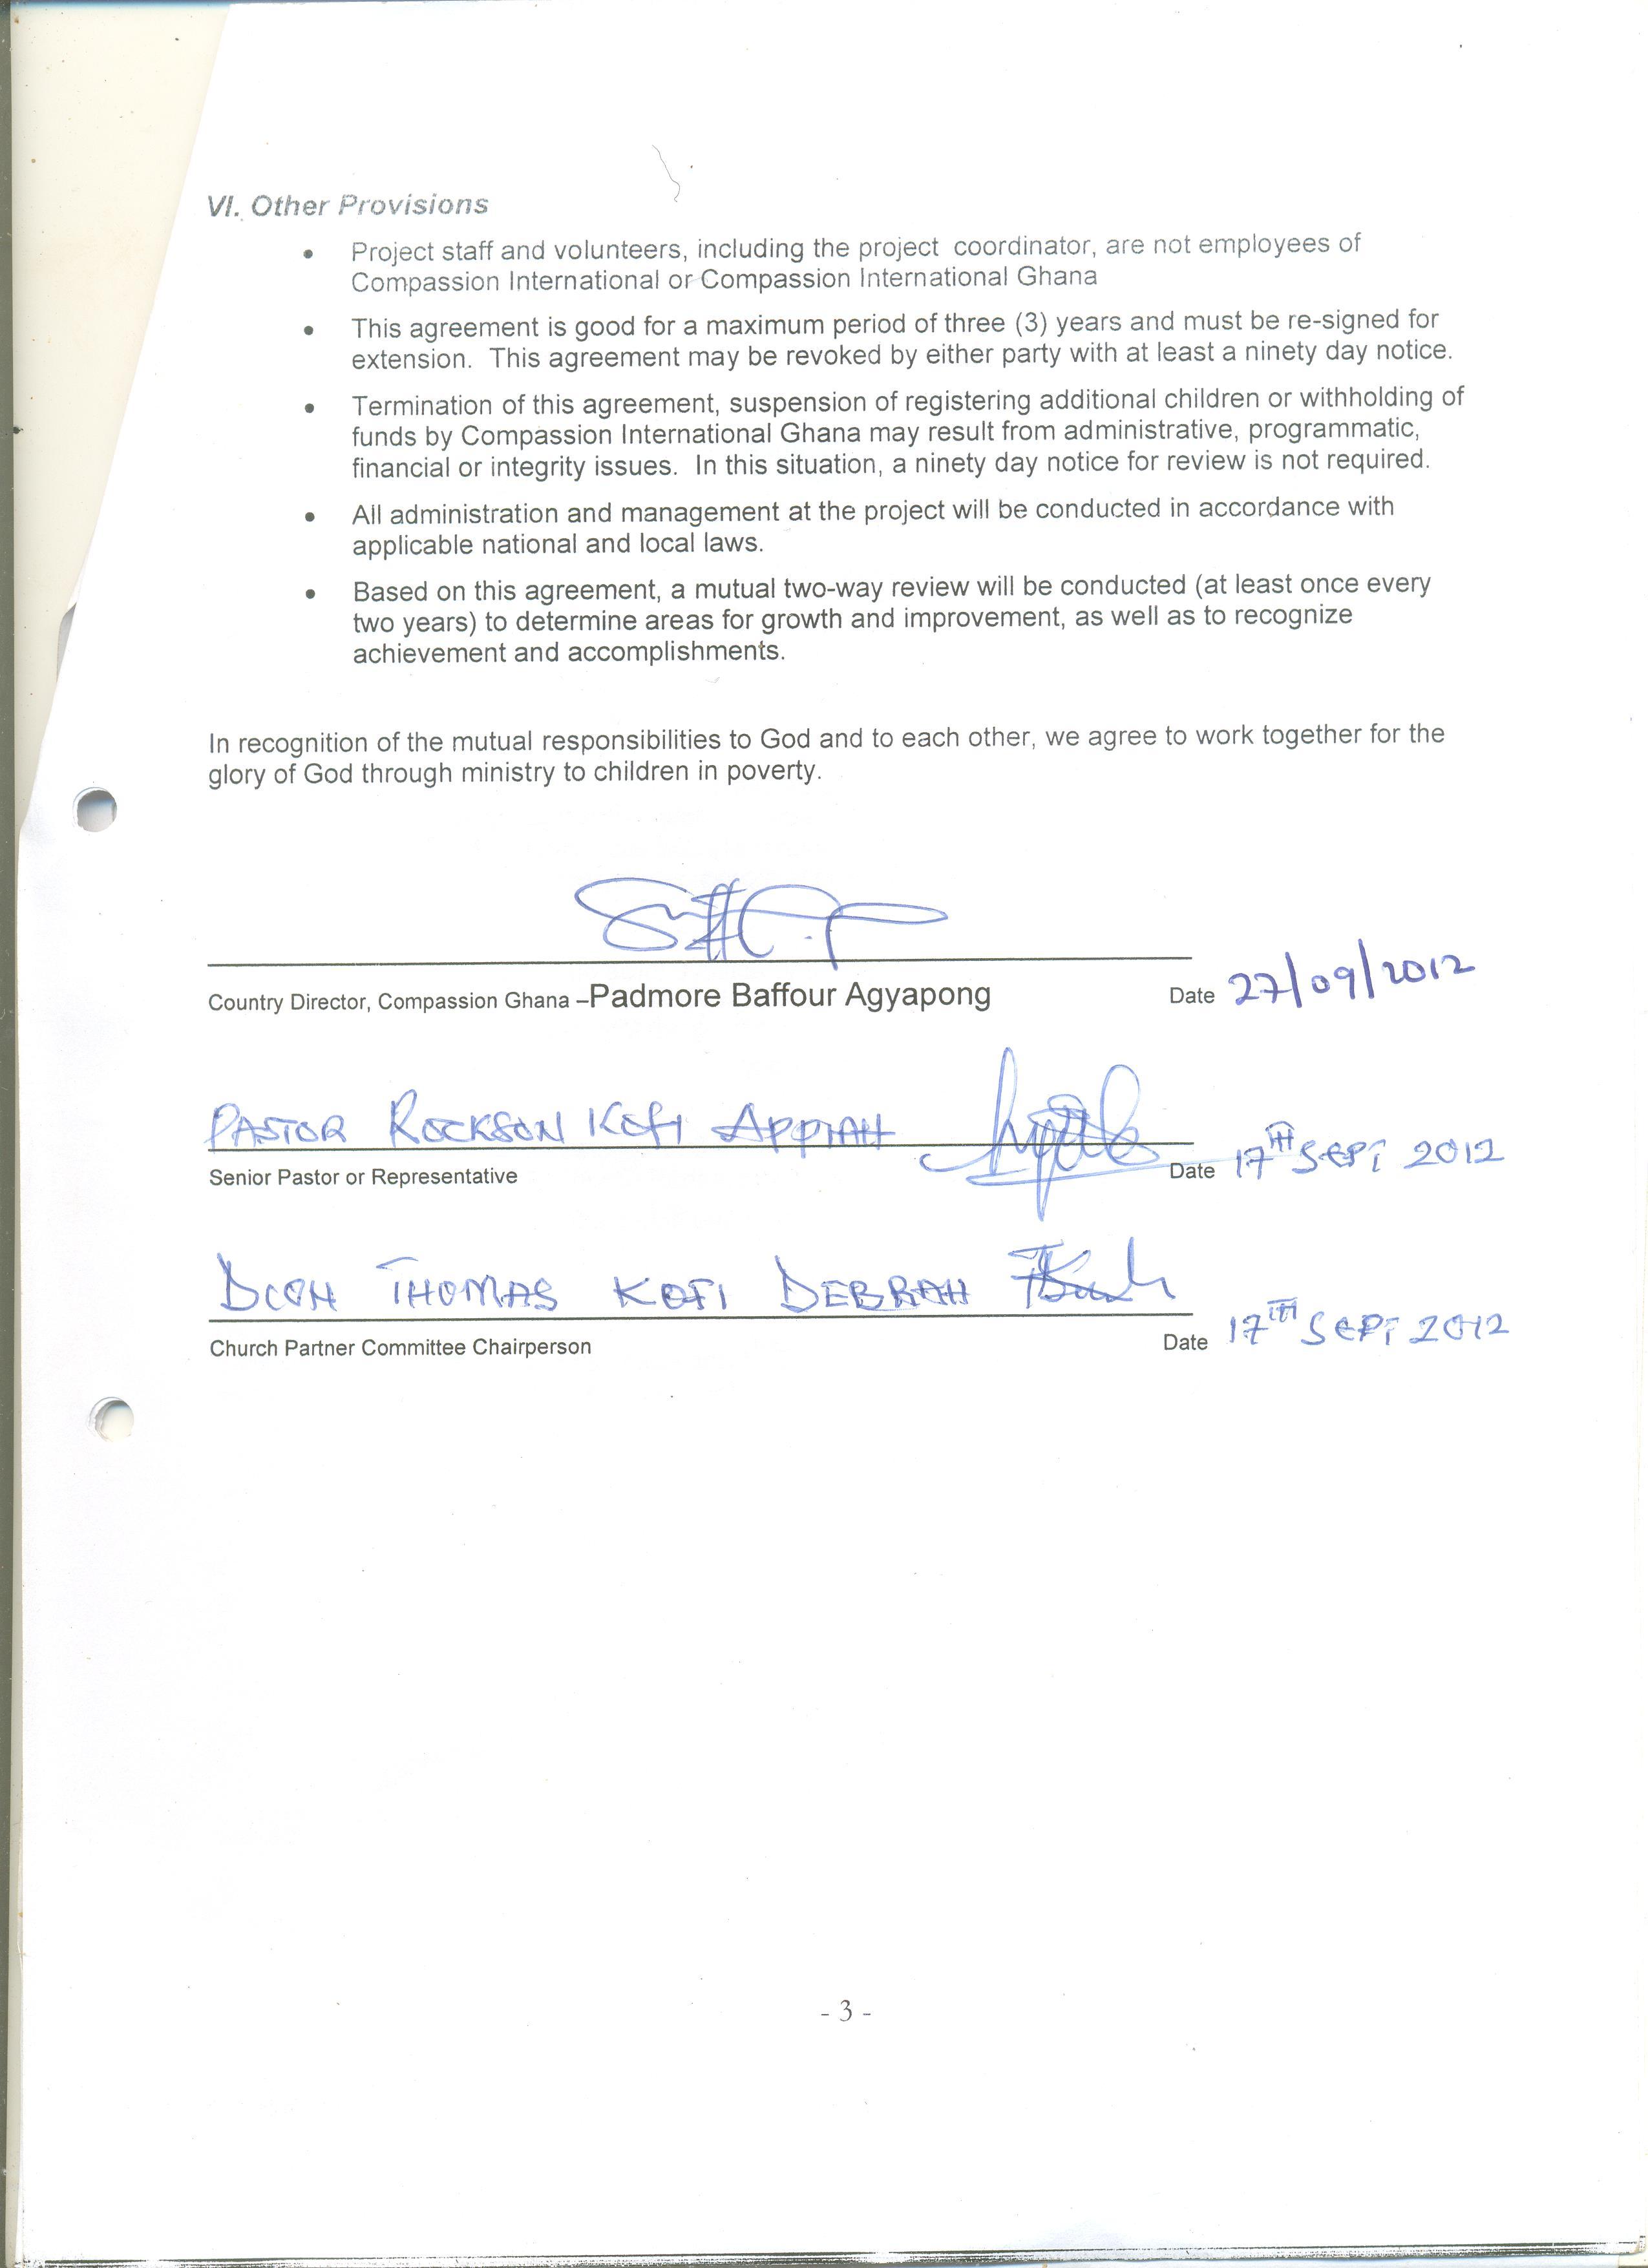 Sawer apostolic child development centre corporate ngo partnerships partnership agreement form page1 partnership agreement form page2 platinumwayz